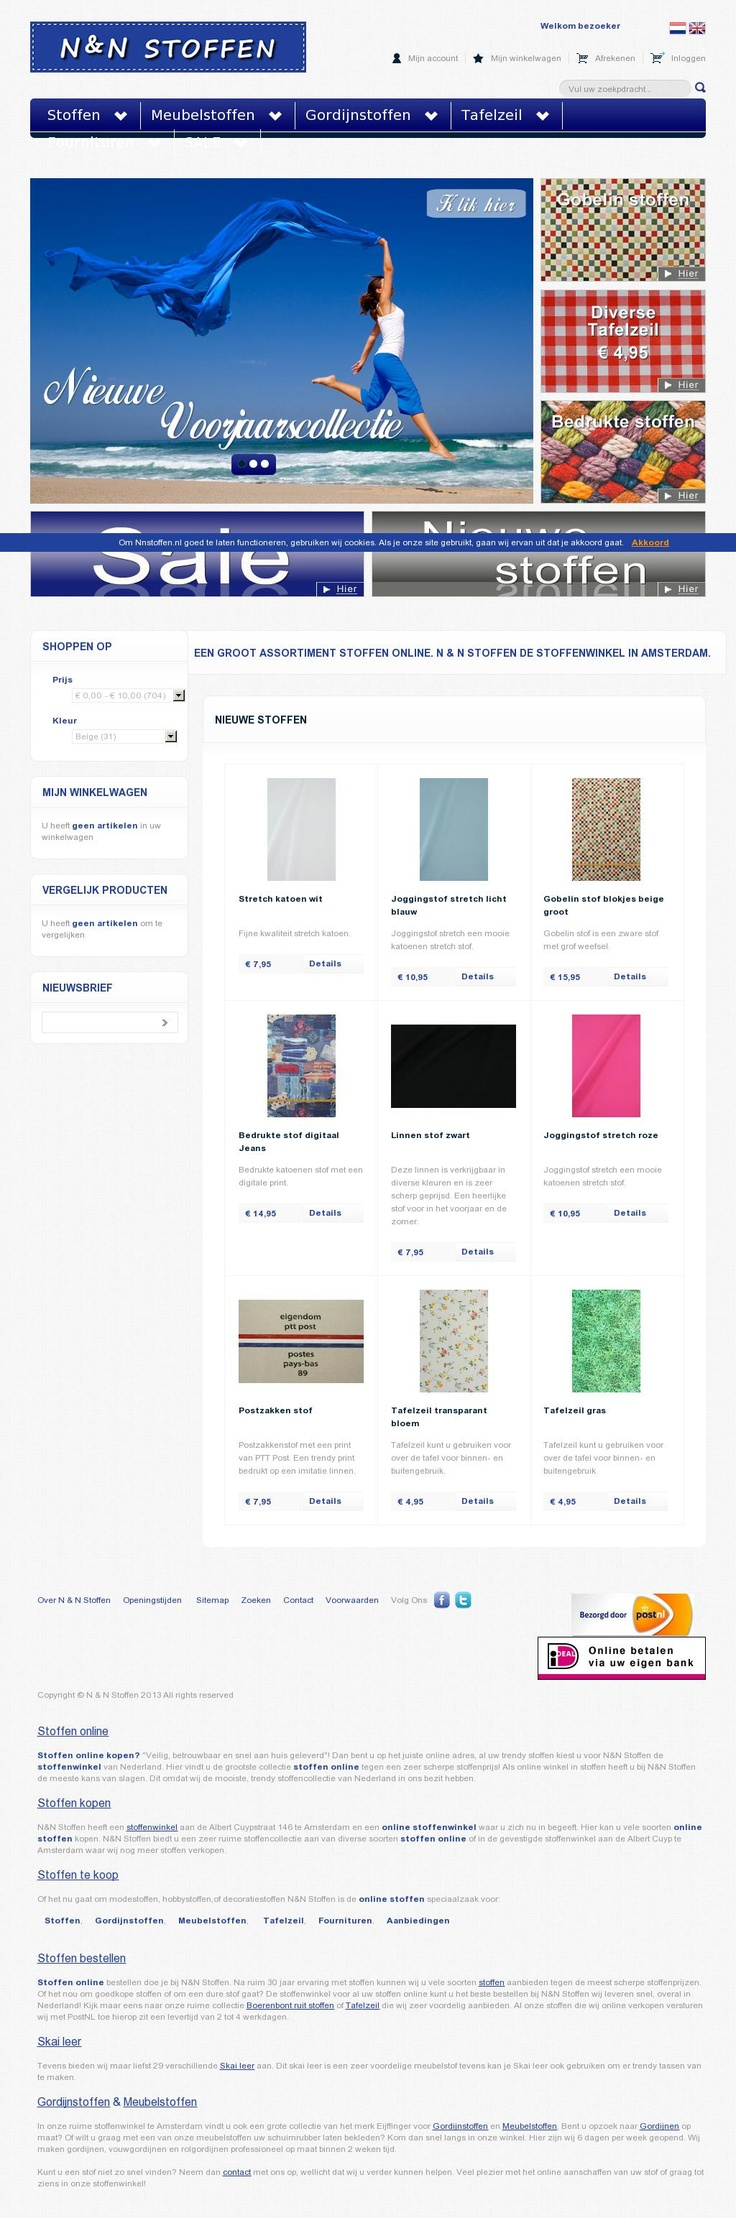 N Stoffen http://nnstoffen.nl #webshop met allemaal leuke stofjes